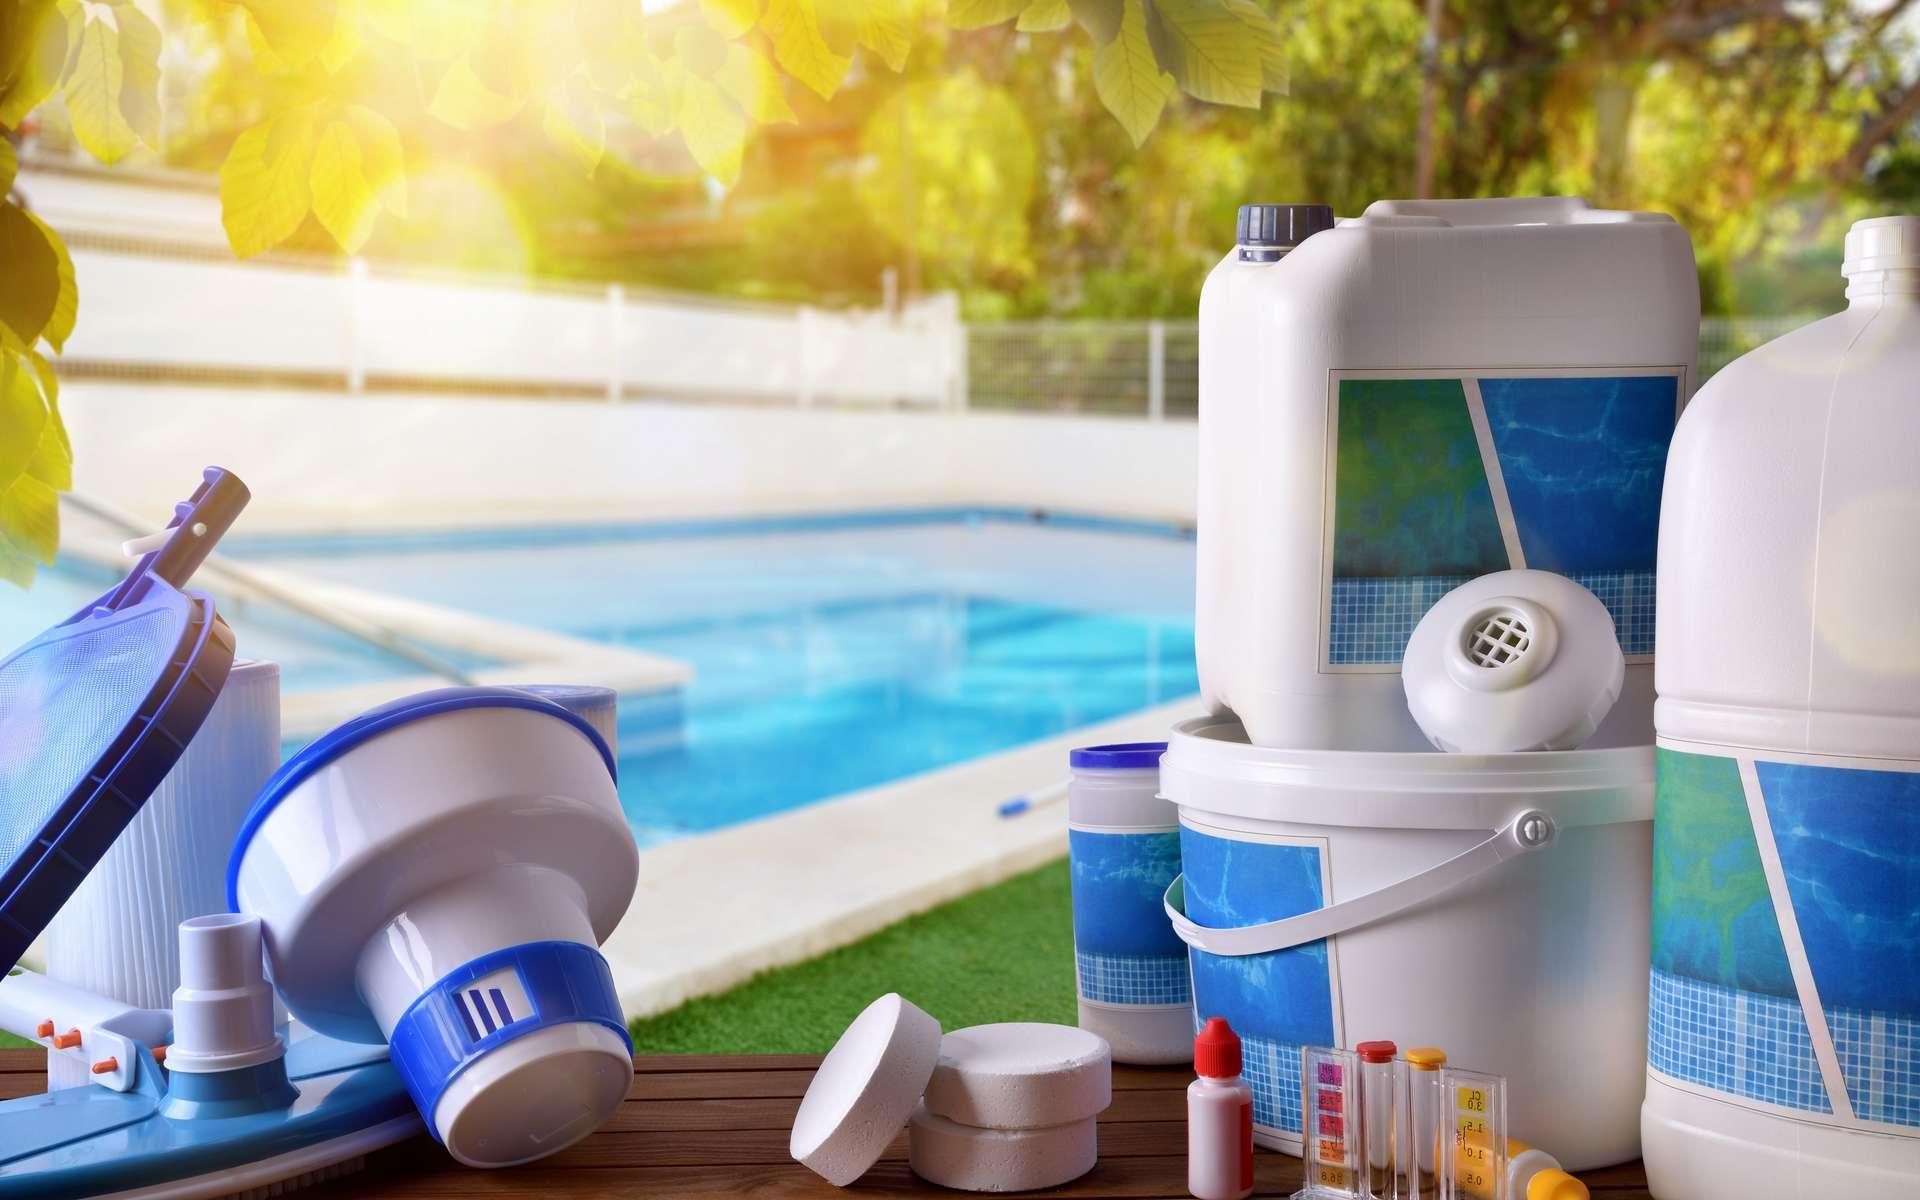 Indispensables, les produits de traitement de l'eau de piscine (chlore, brome, sel...) possèdent des propriétés désinfectantes qui éliminent microbes, champignons... Selon leur composition, ils sont plus ou moins rémanents. © Davizro Photography, Adobe Stock